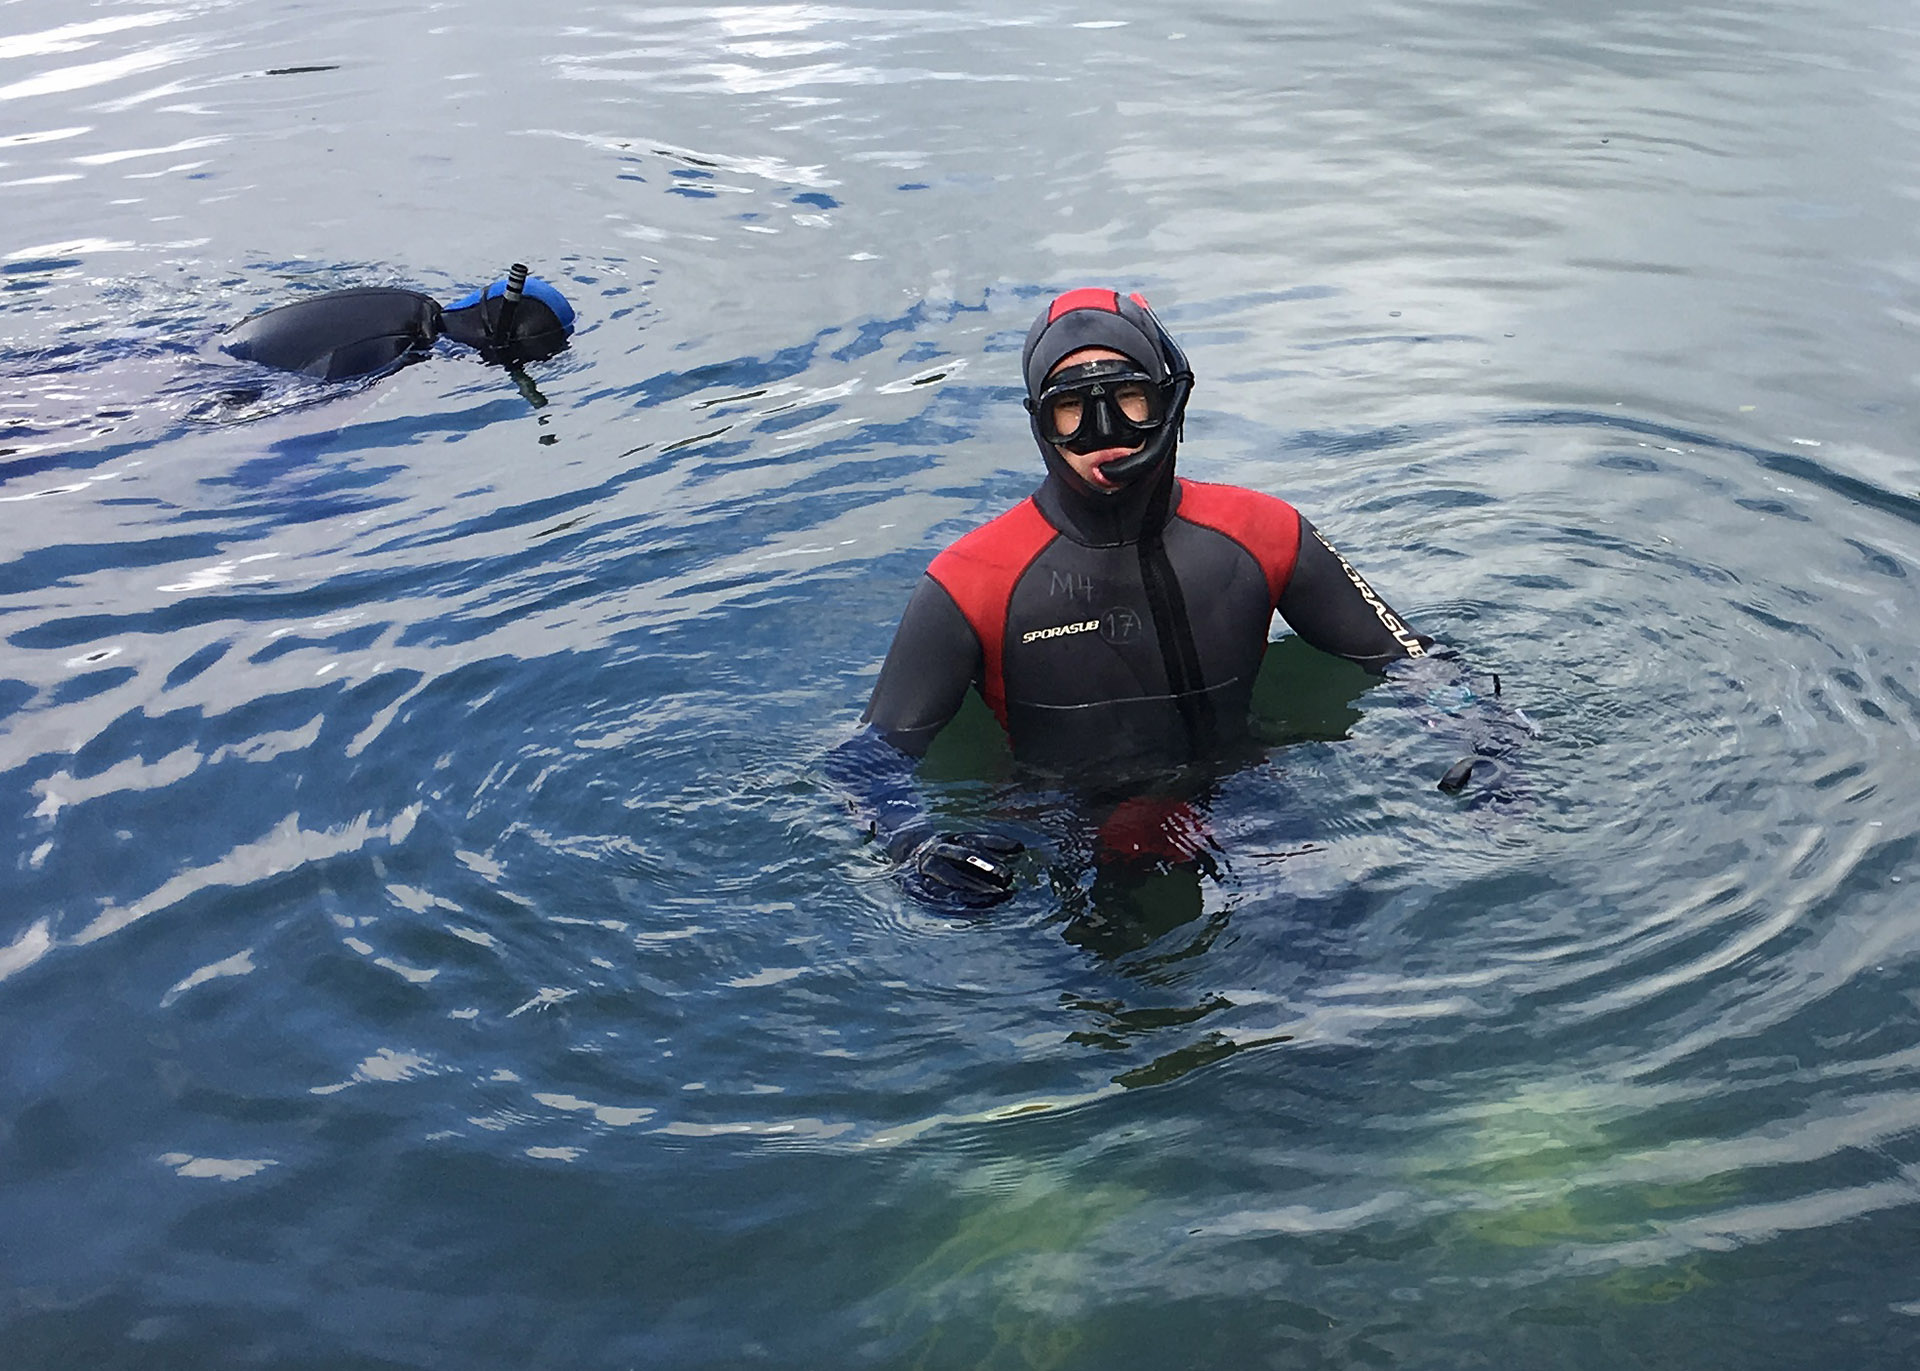 Snorkkelisukelluskurssit Riihimäen Urheilusukeltajat